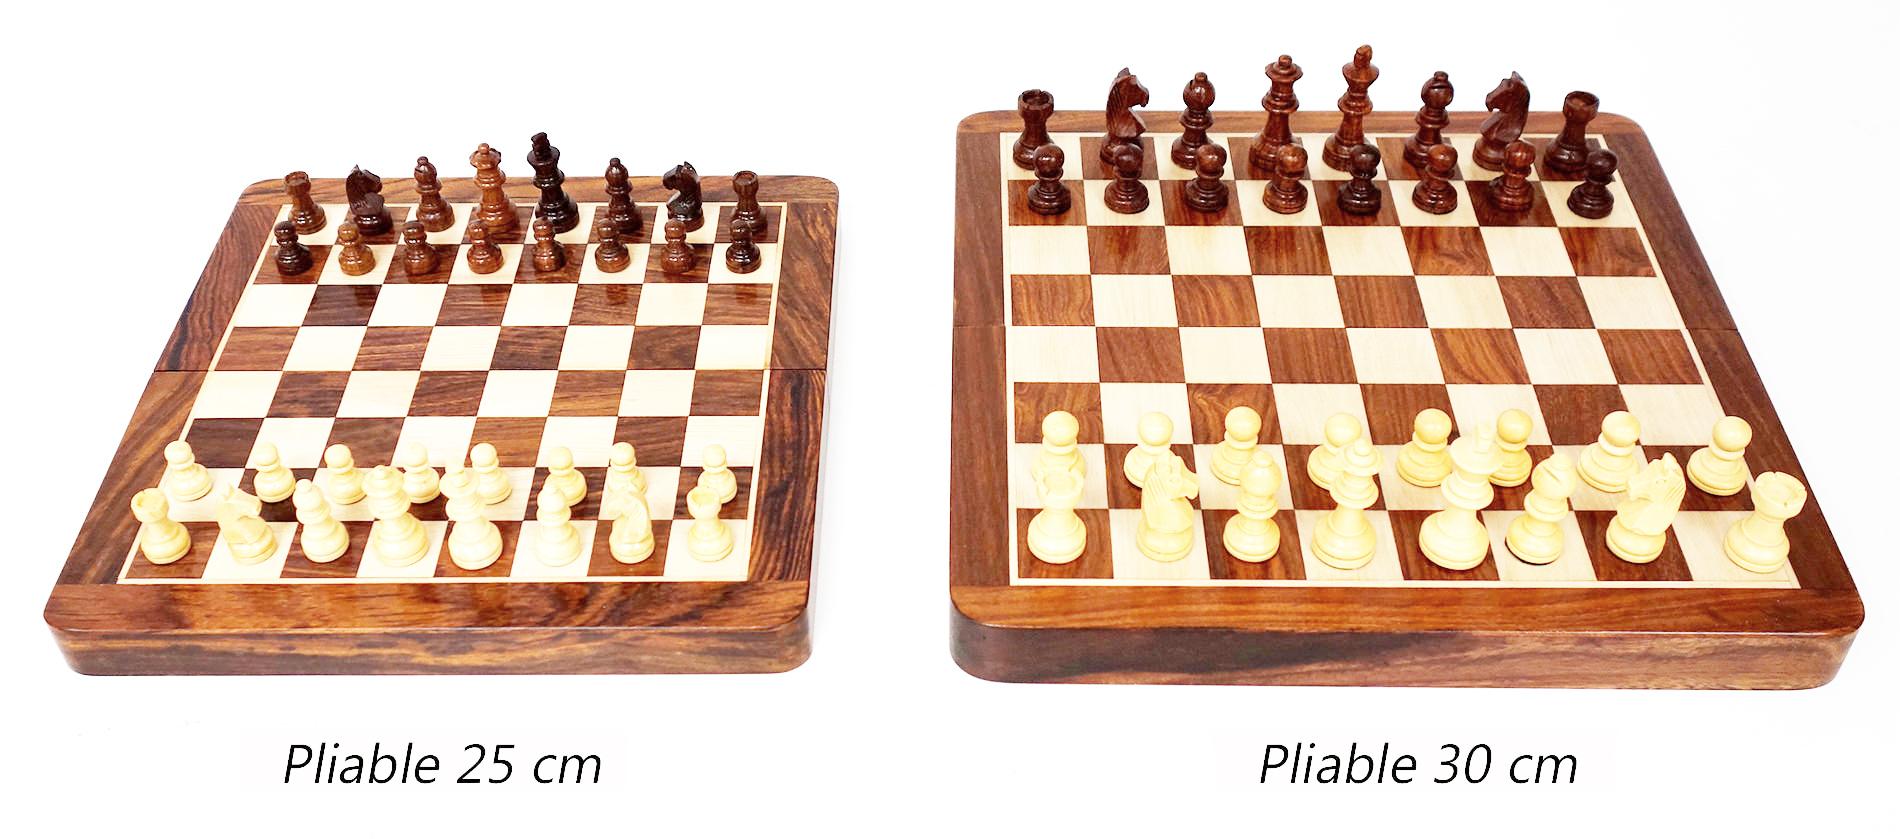 Pliable 30cm  vs Pliable 25cm